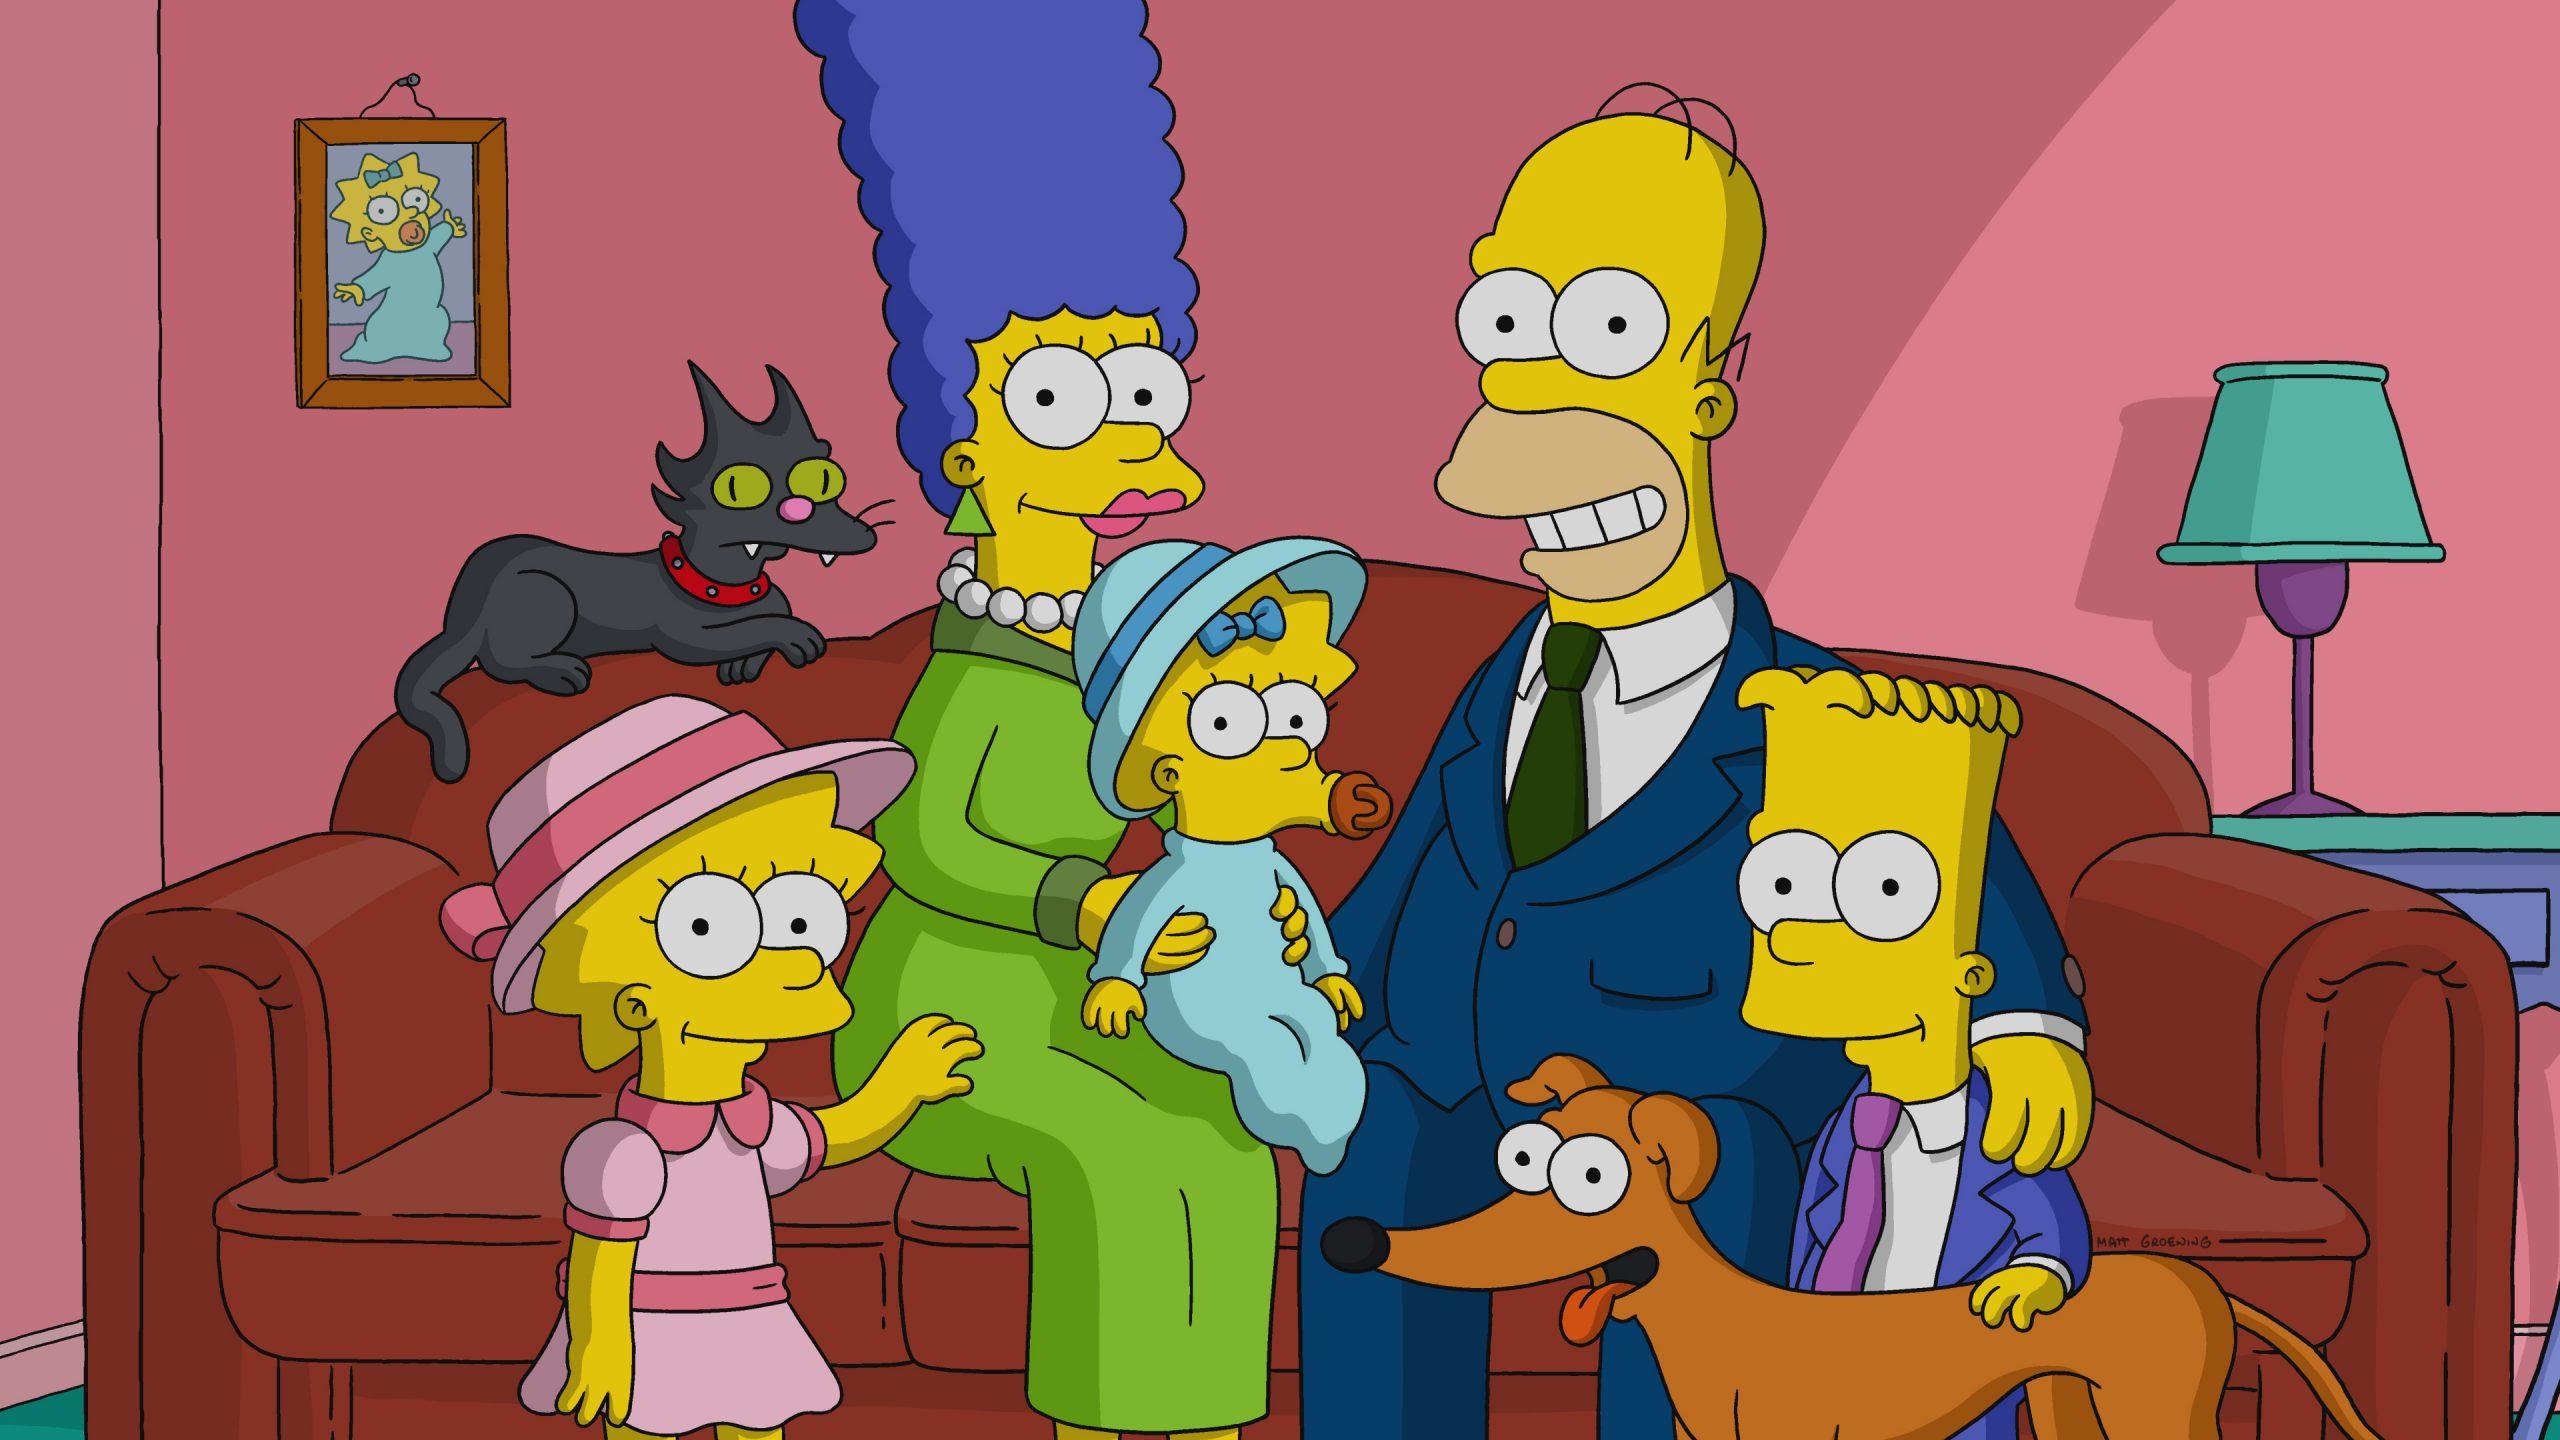 ¿Los Simpson están en Netflix, Disney Plus, Hulu? ¿Dónde ver Los Simpson? 1